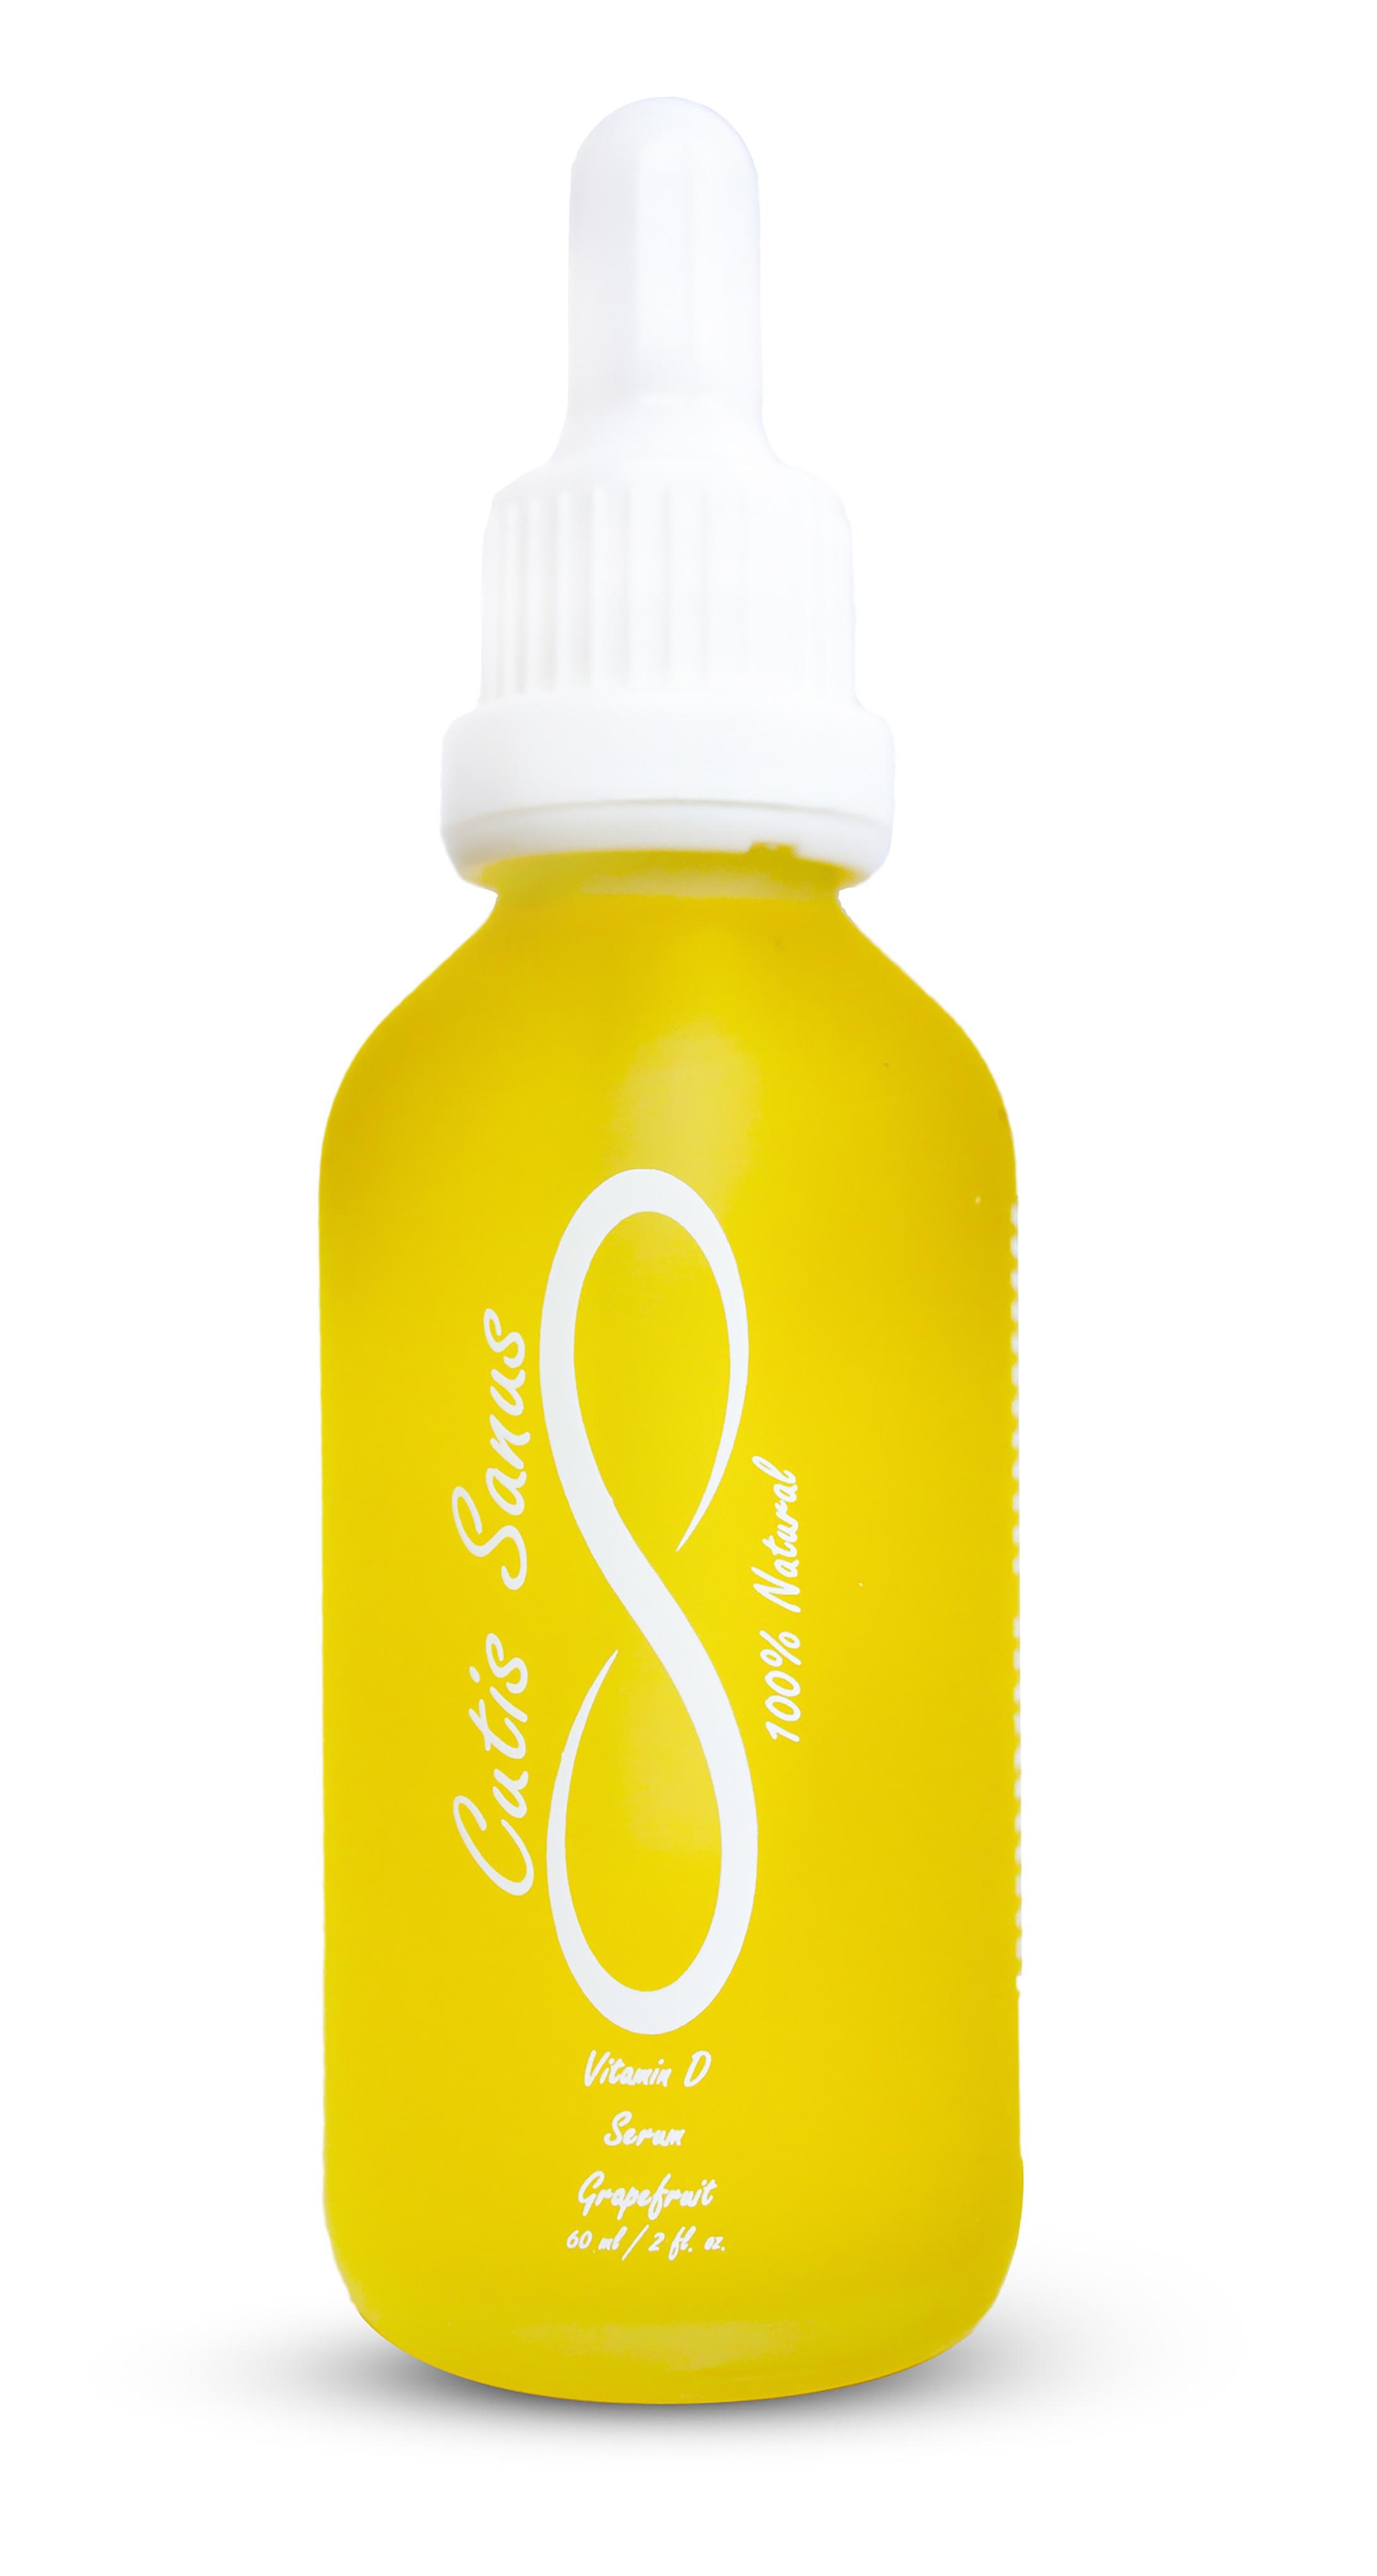 Cutis Sanus 100% Organic Vitamin D Serum Face Oil